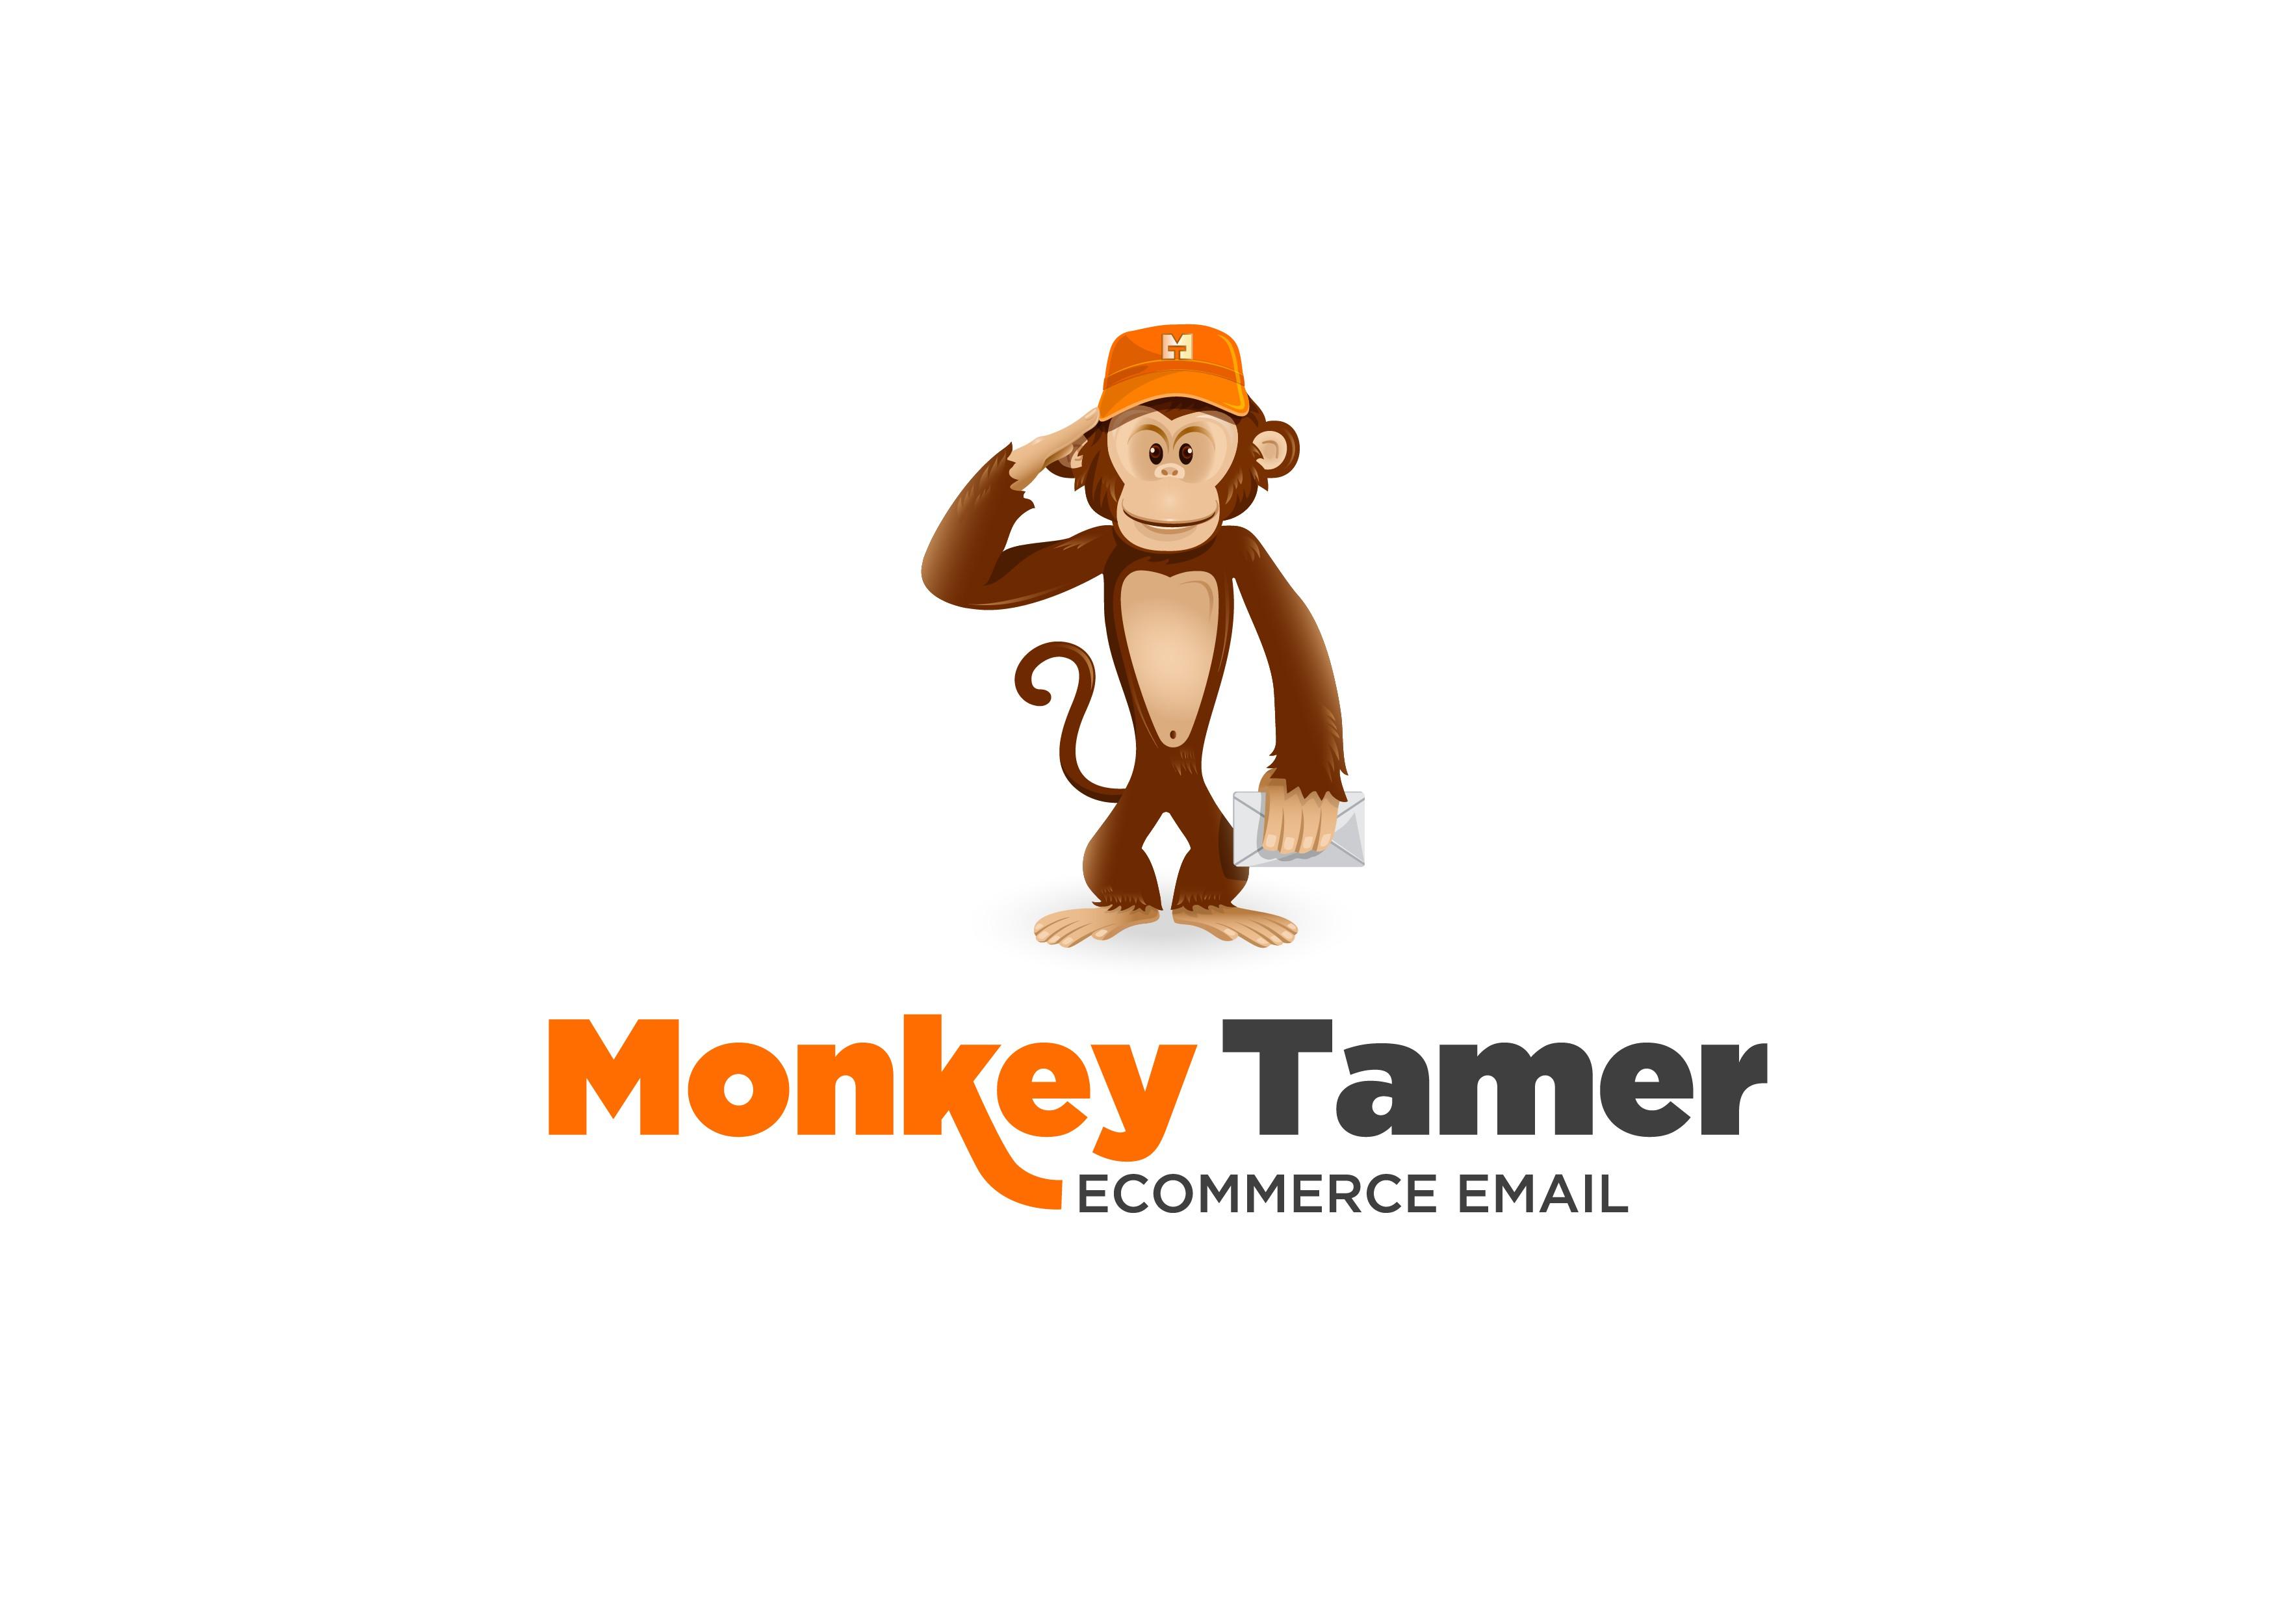 Monkey Tamer